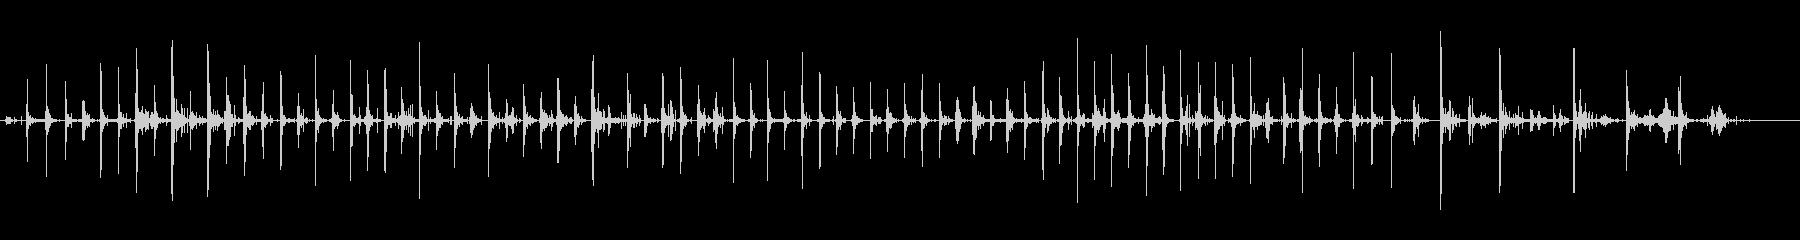 屋上エンドウ砂利:重いブーツ:実行...の未再生の波形